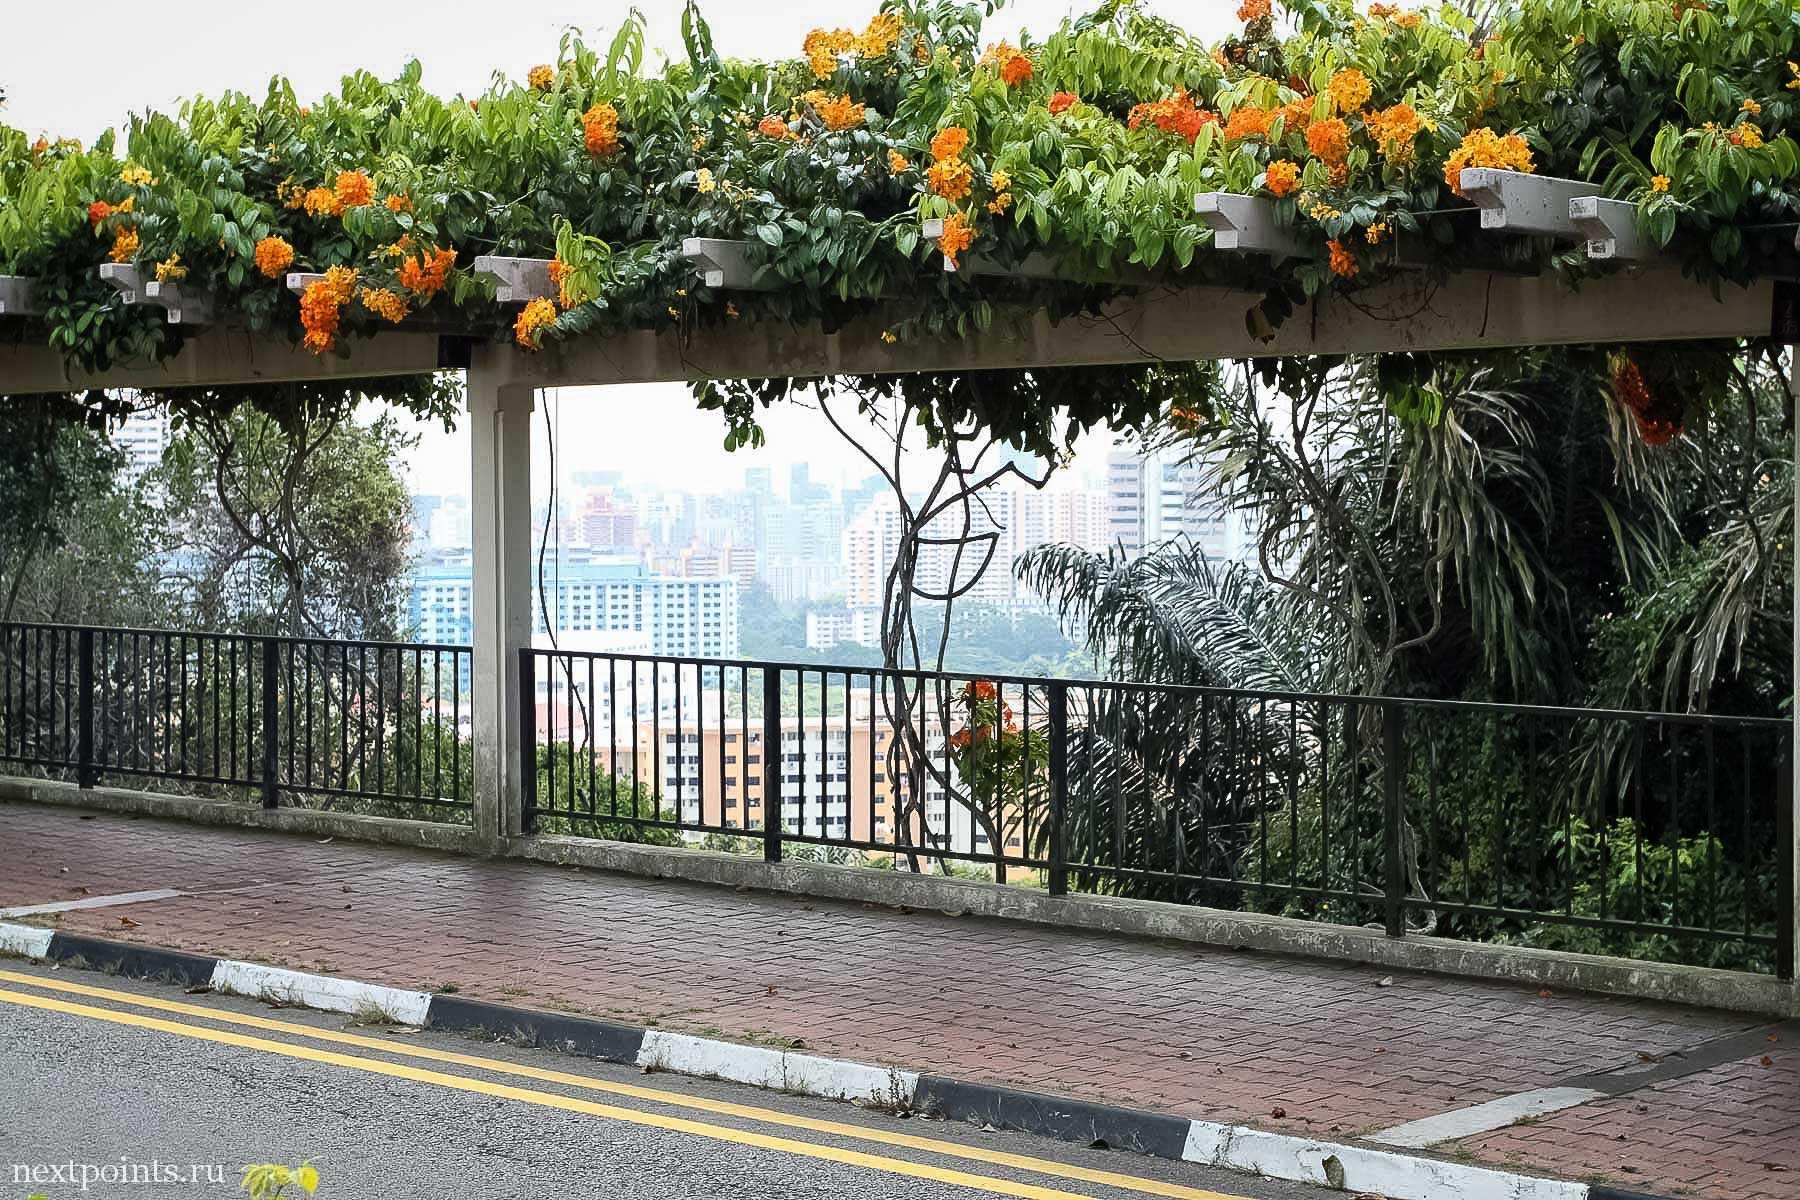 Очень красиво украшенная дорога в парке перед станцией фуникулера до Сентозы